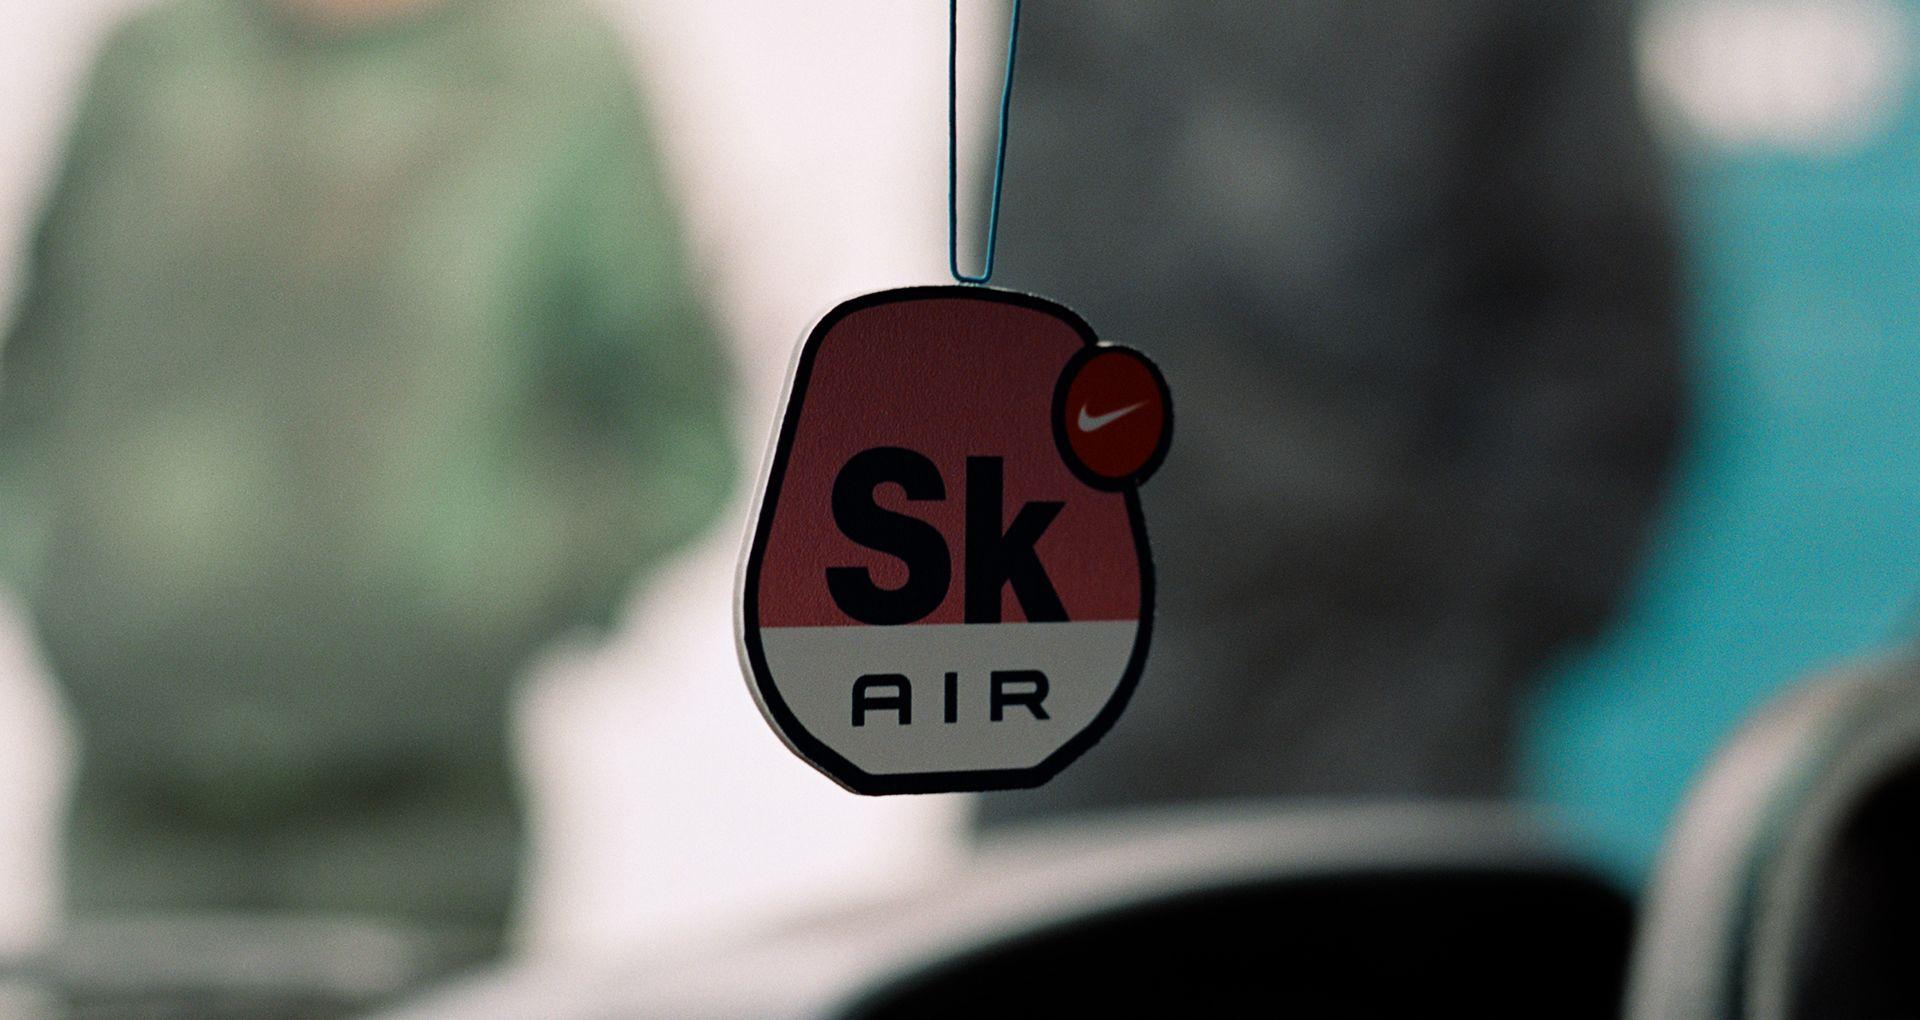 9d3a518bc4 Nike Air Max 97 Ultra '17 x Skepta. Nike+ SNKRS